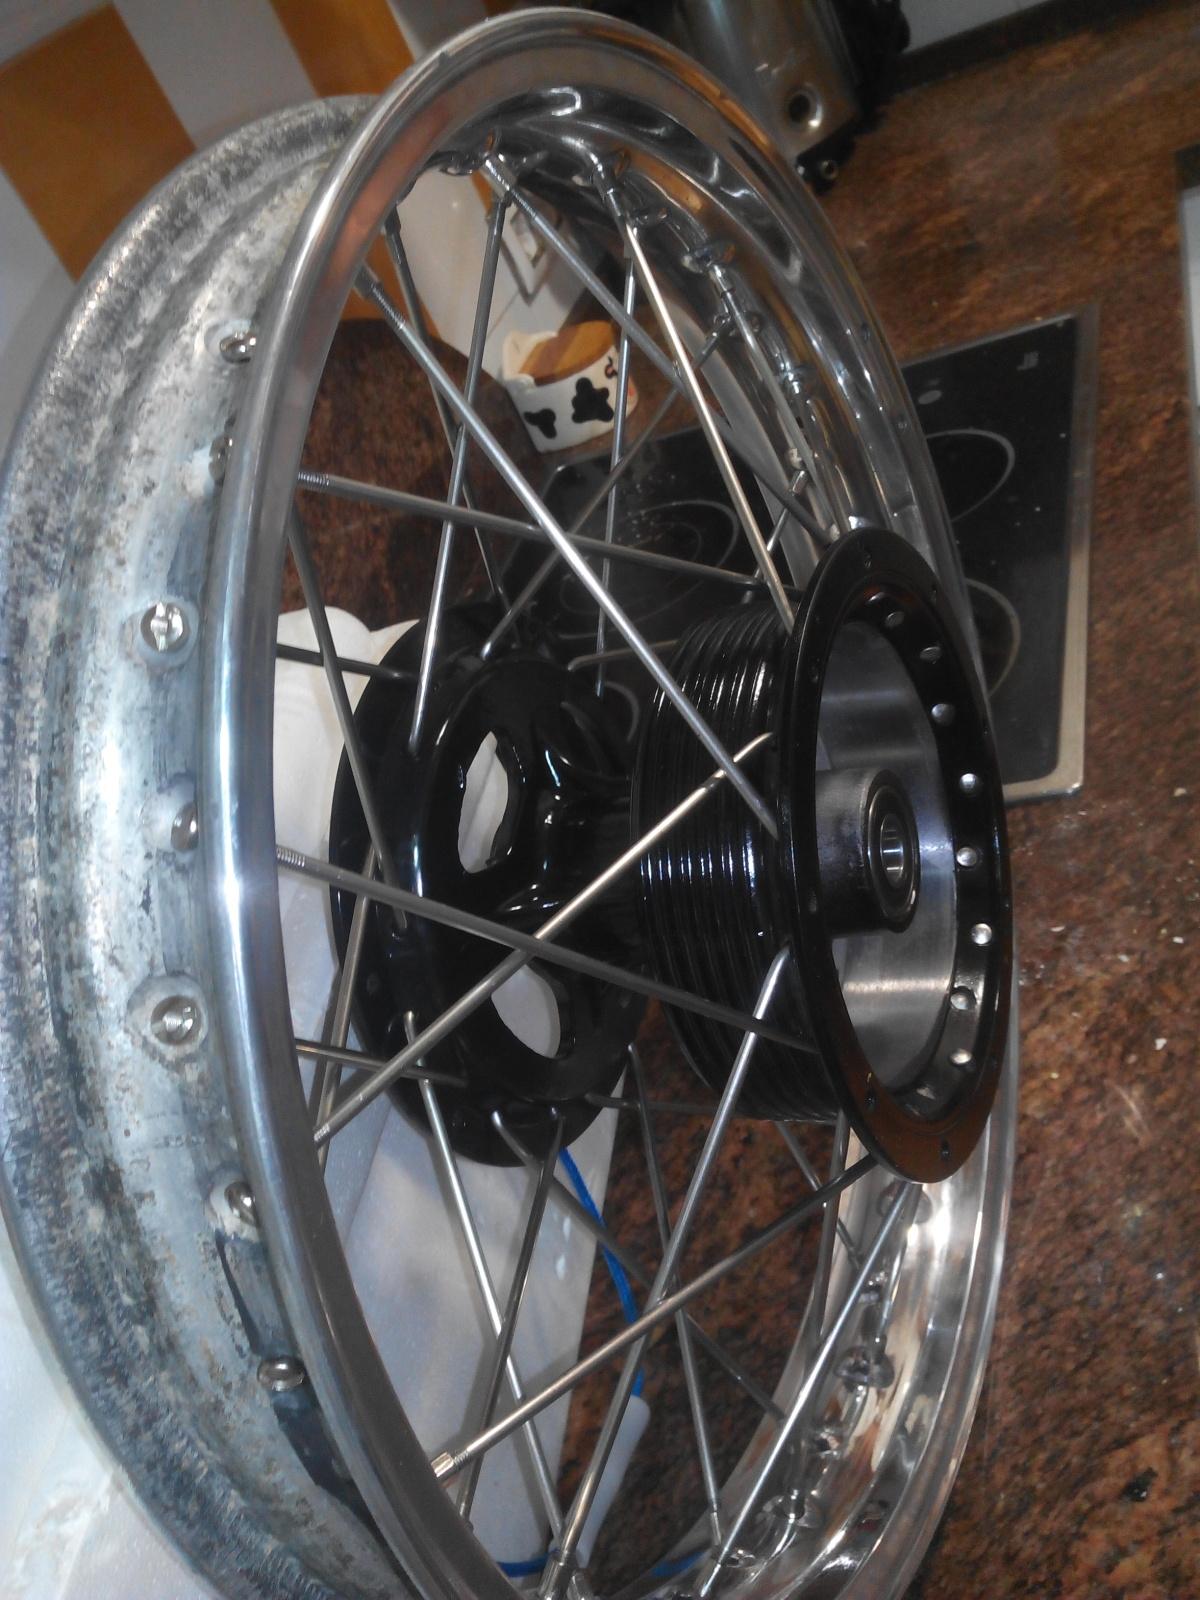 Bultaco MK11 370 - Motor - Página 3 4ujryu